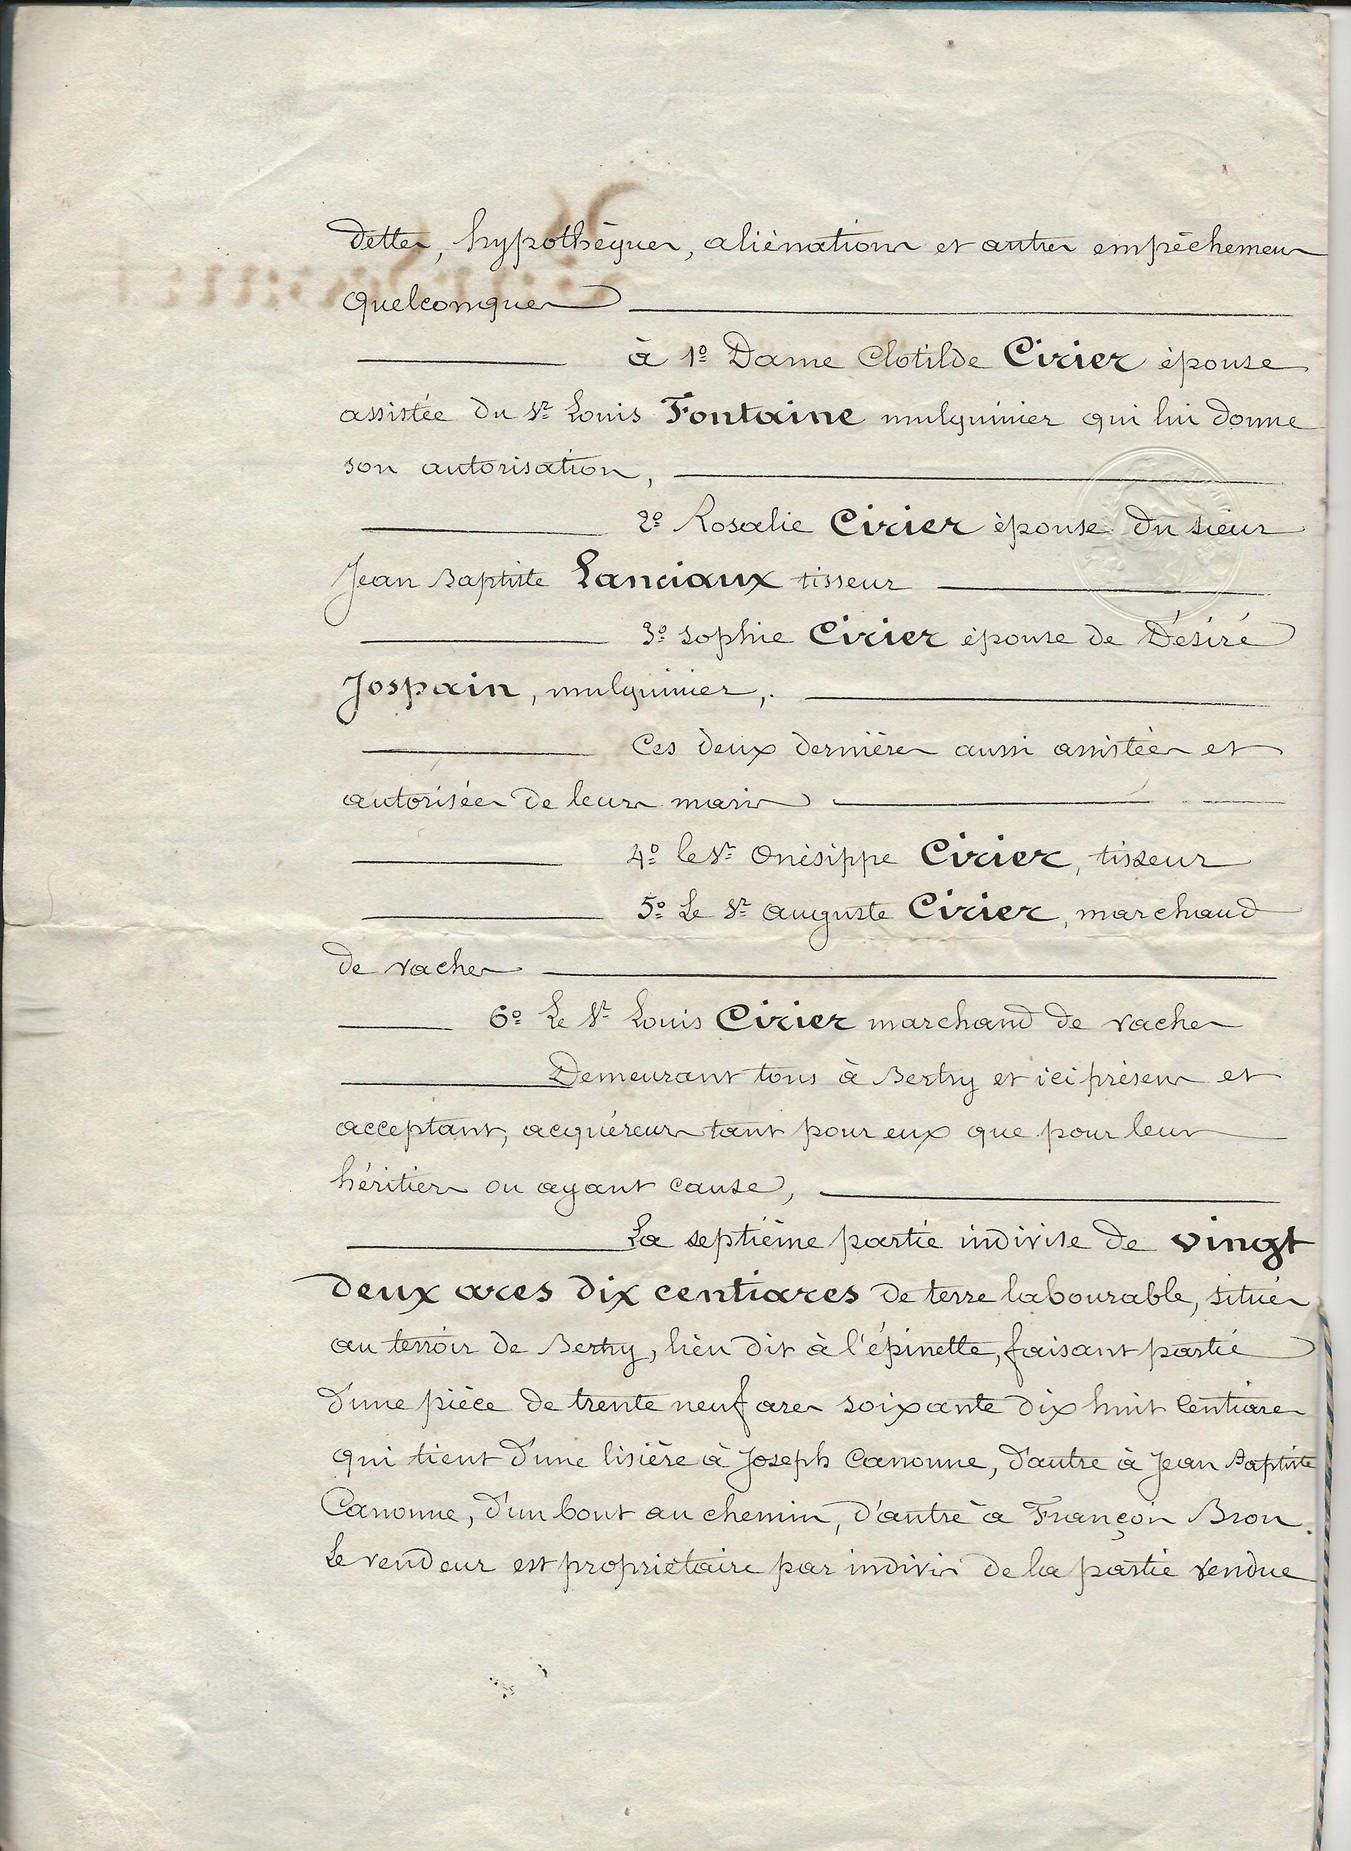 1849 vente terrrain amina ciriez a ses freres et soeurs 002